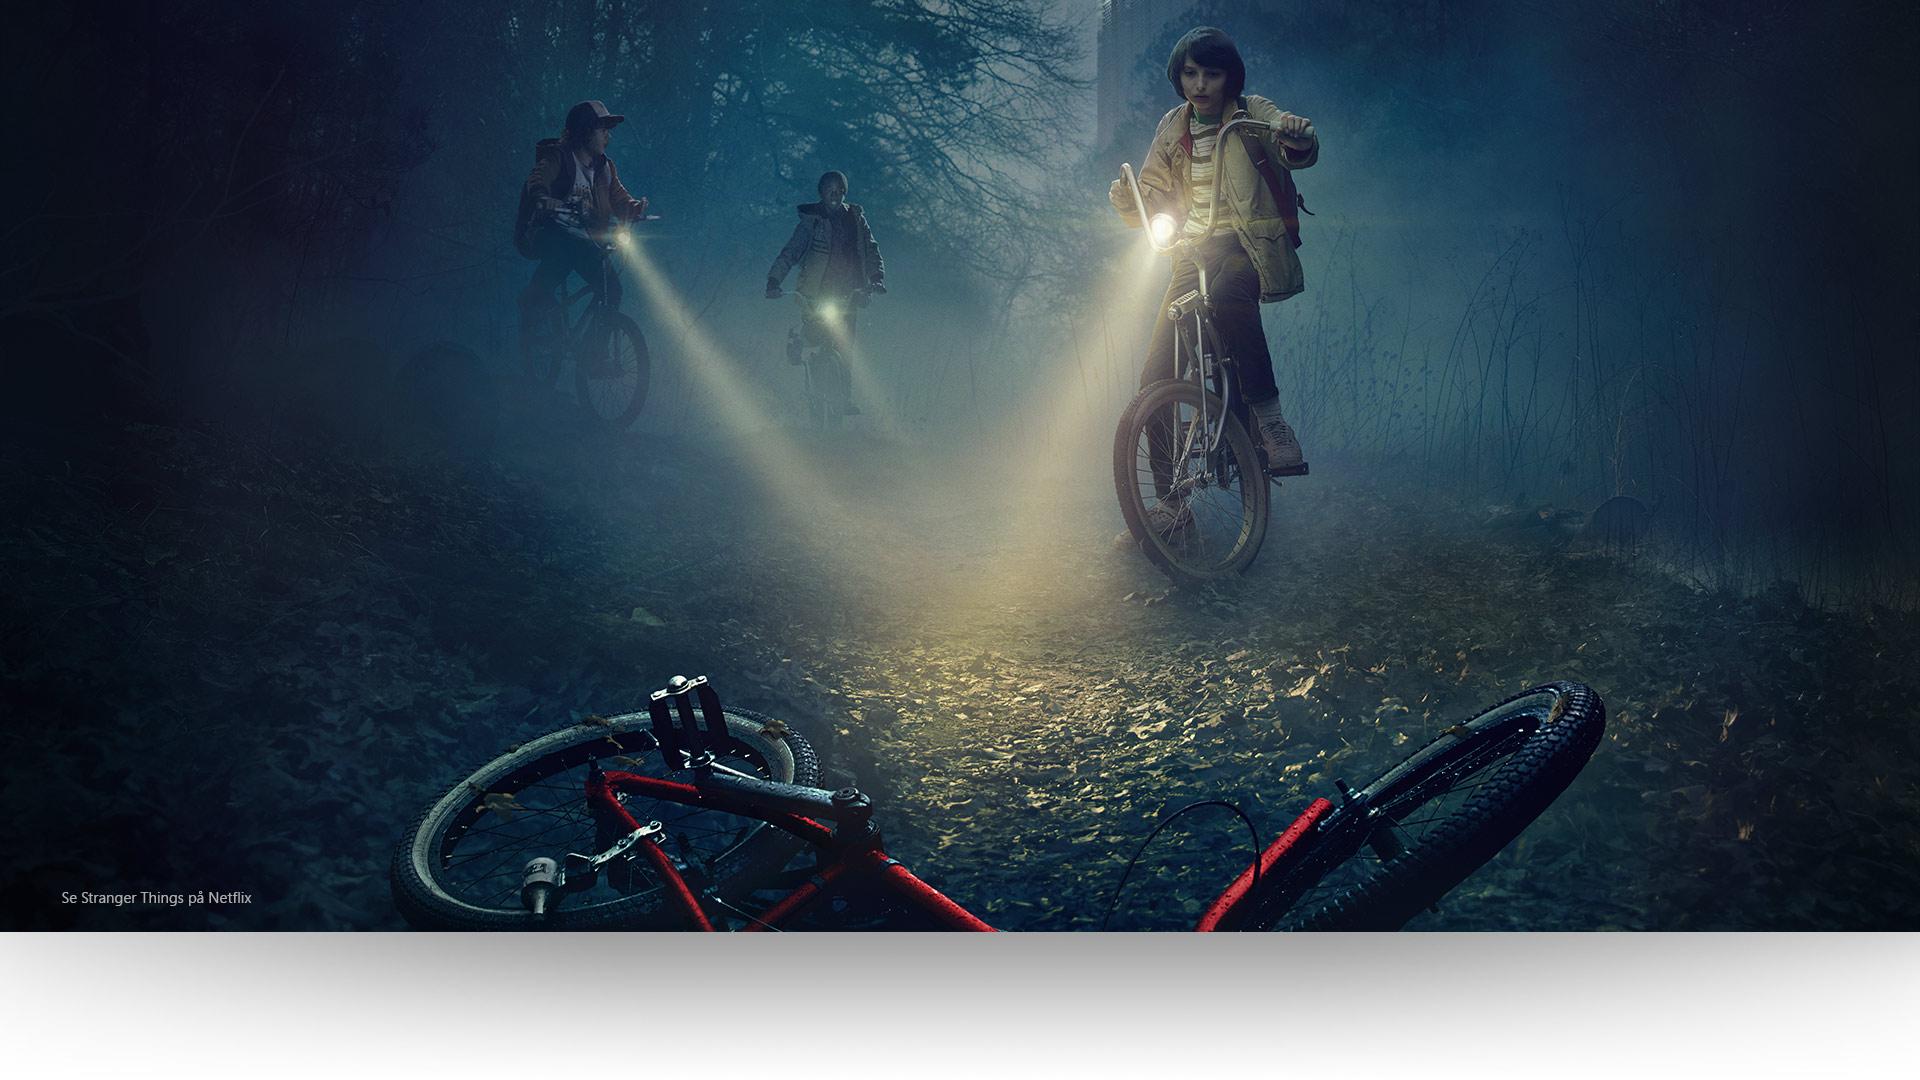 En scene fra Stranger Things der barn finner en sykkel i skogen